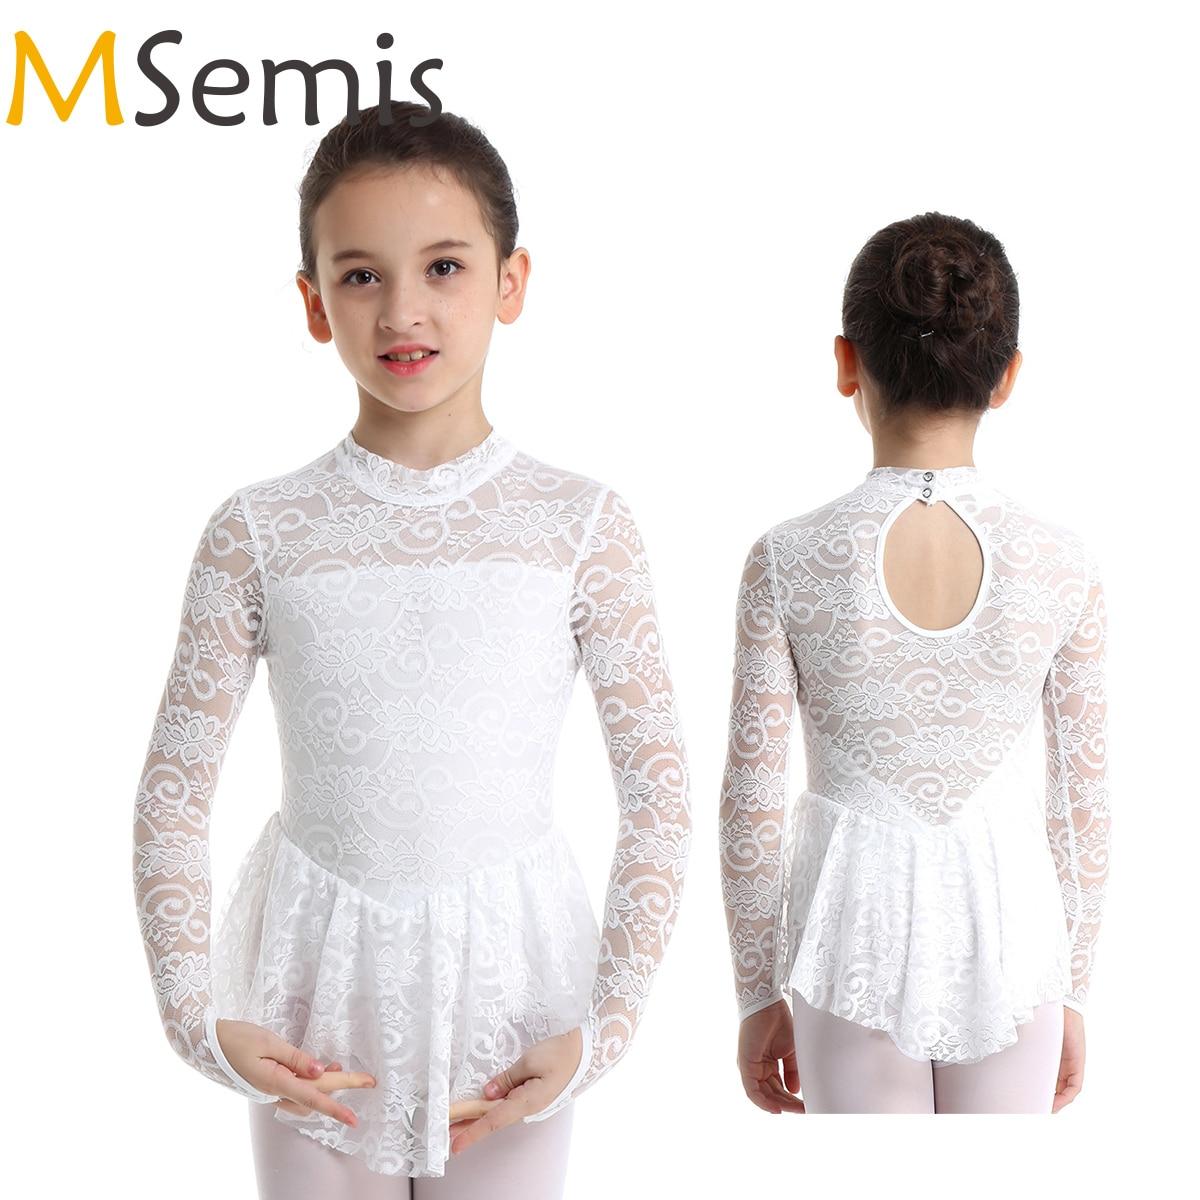 MSemis Kids Girls High Turtleneck Floral Lace Figure Ice Skating Roller Skating Dress Ballet Dance Leotard